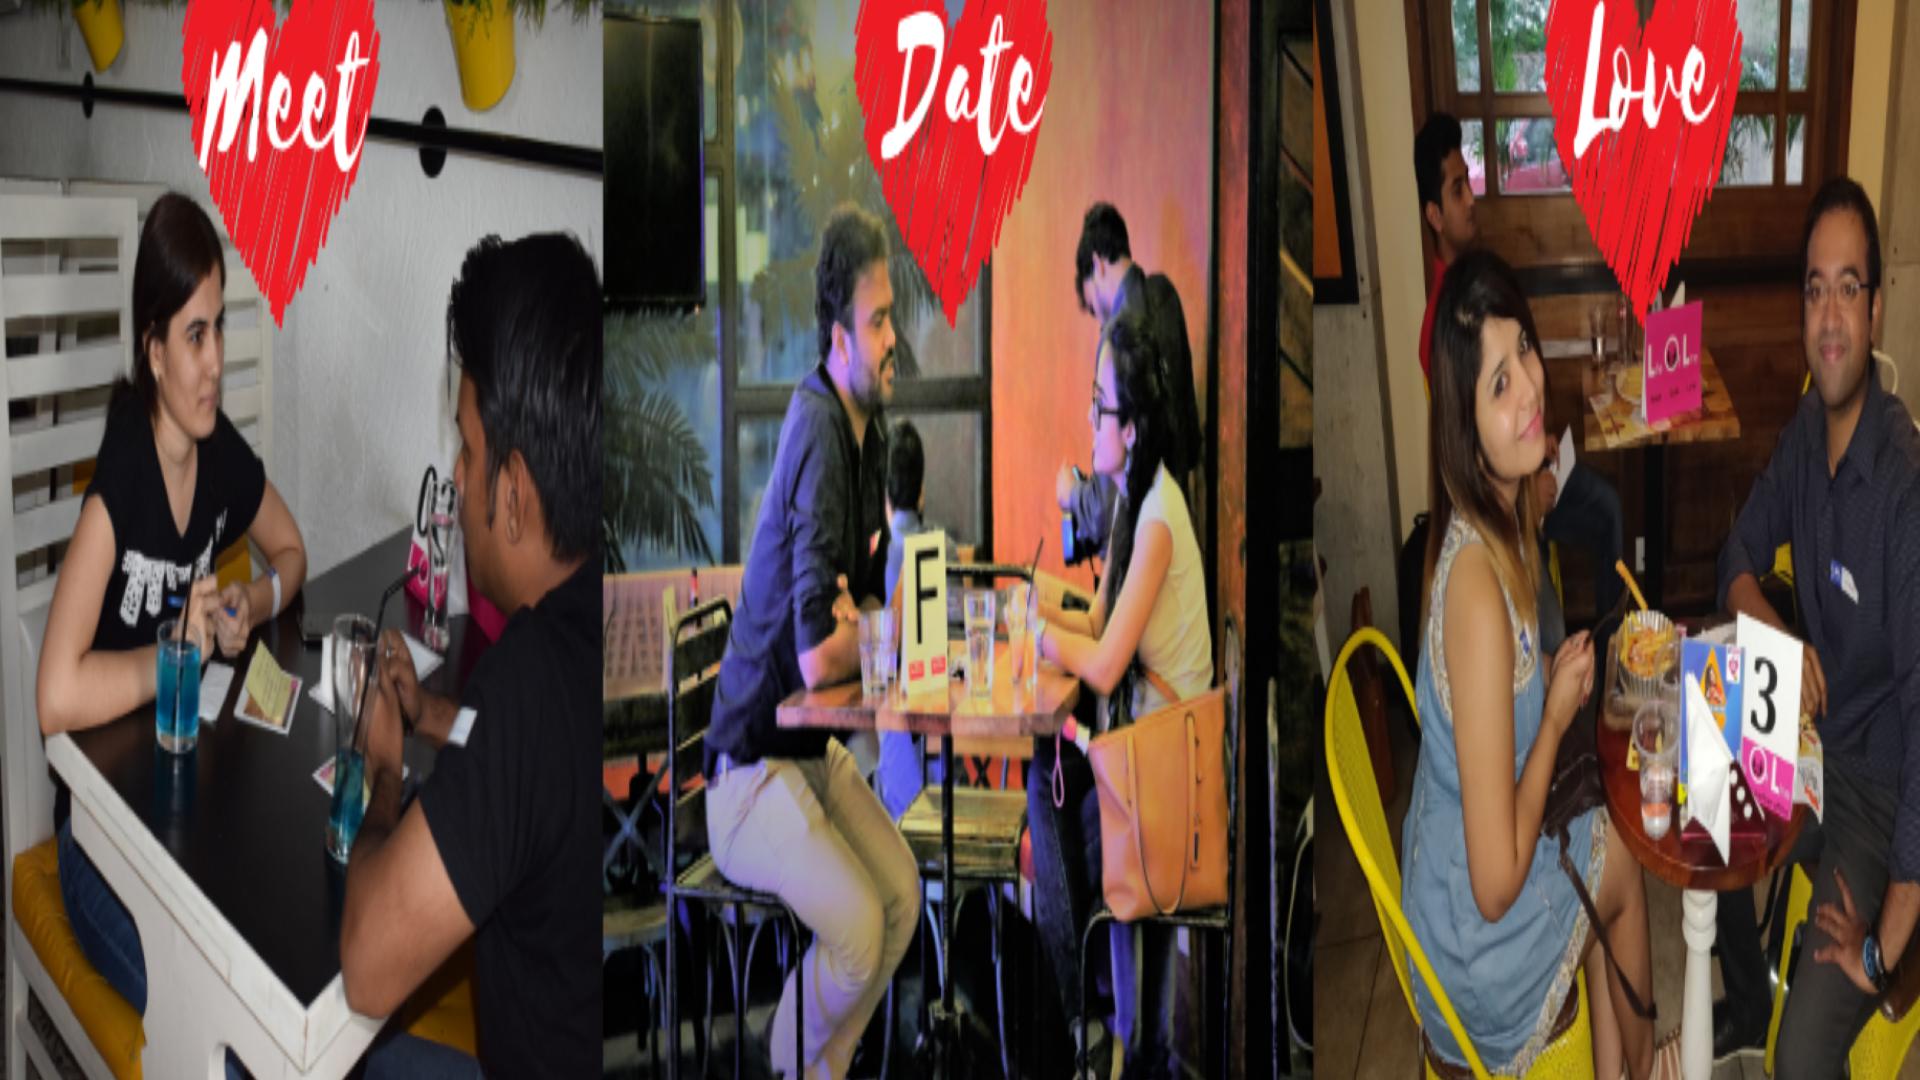 dating sites Guwahati Dating games voor volwassen ups